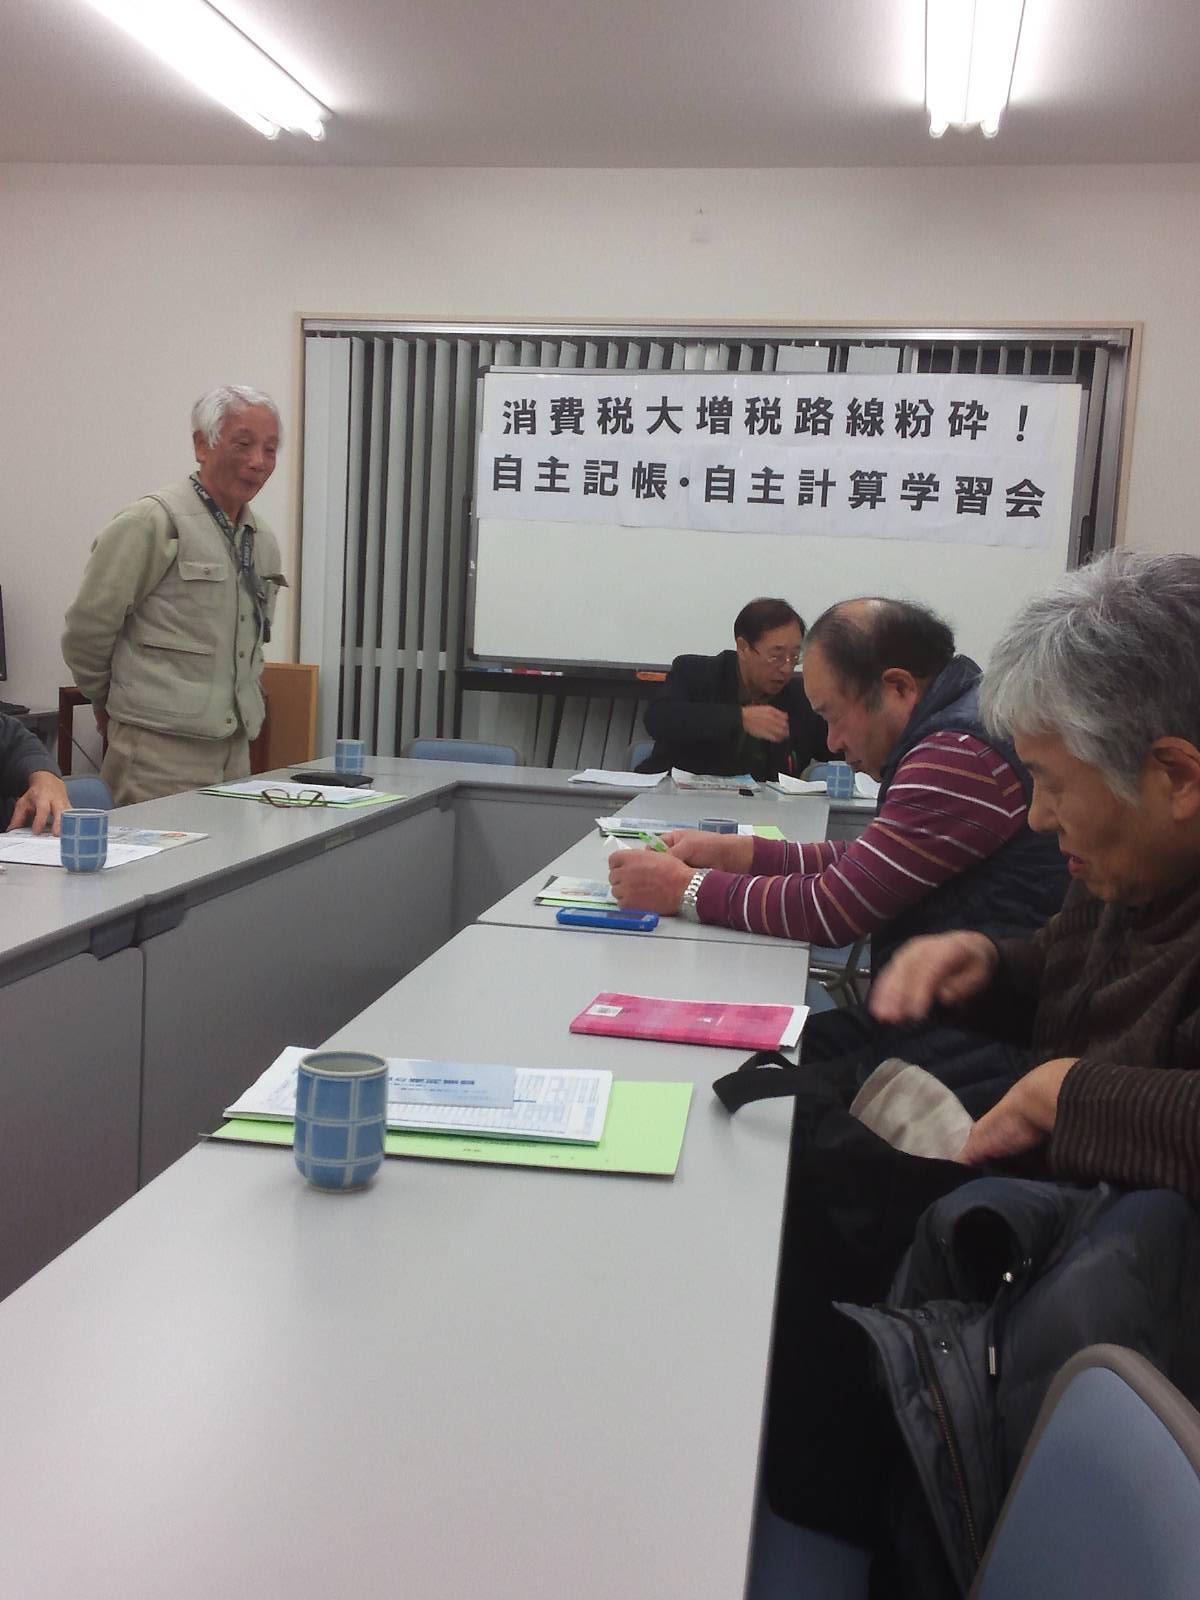 12/18 自主記帳・自主計算学習会を行いました。